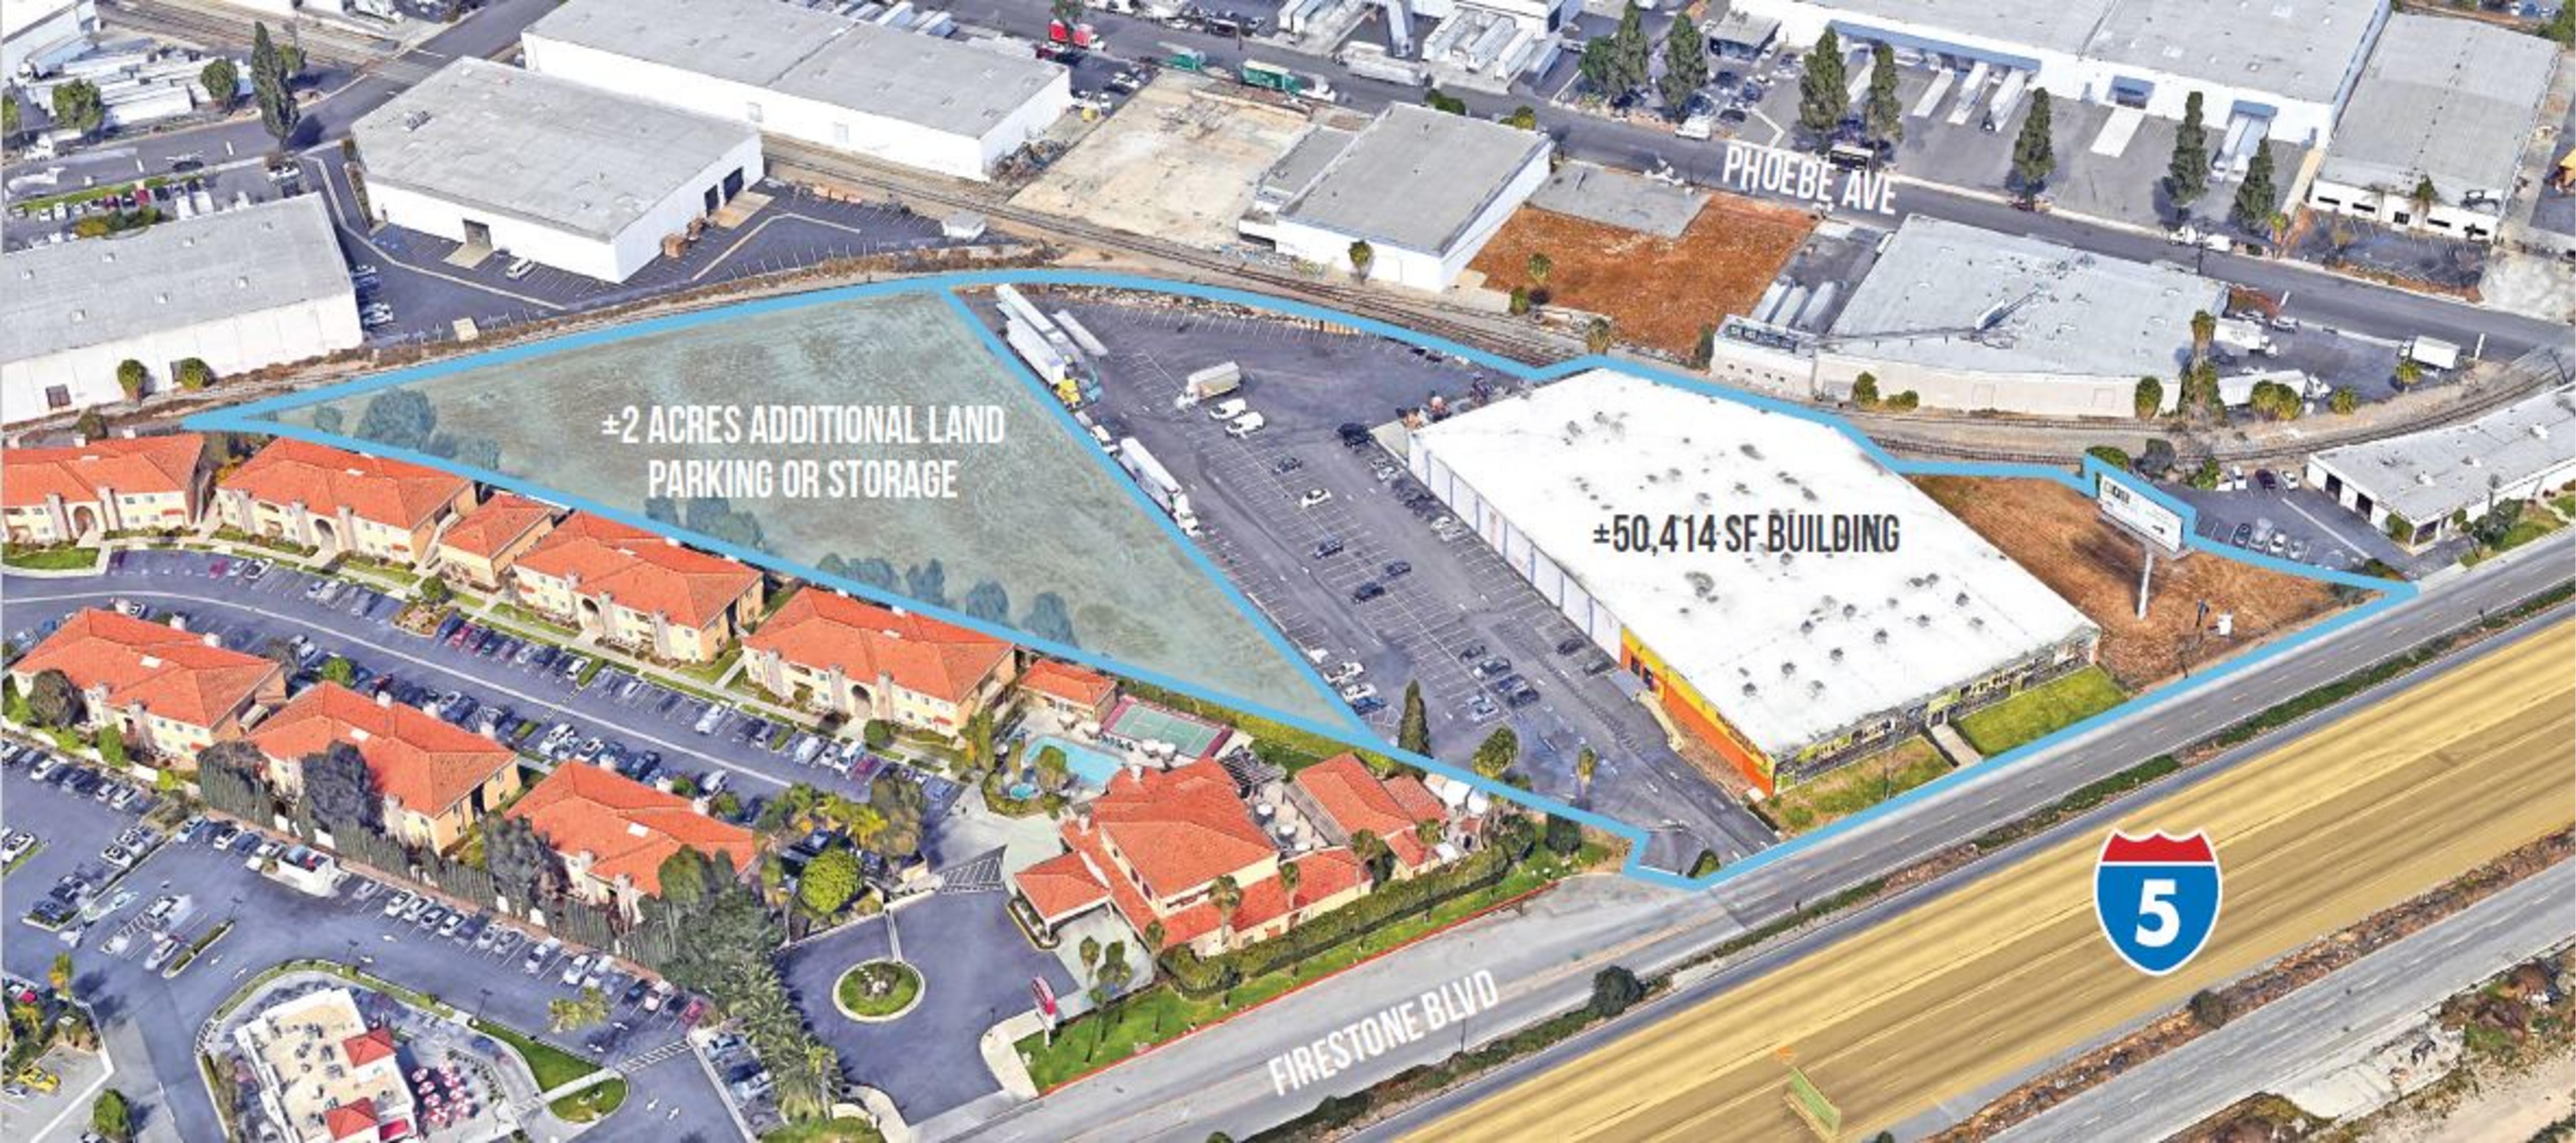 14447 Firestone Blvd: site plan